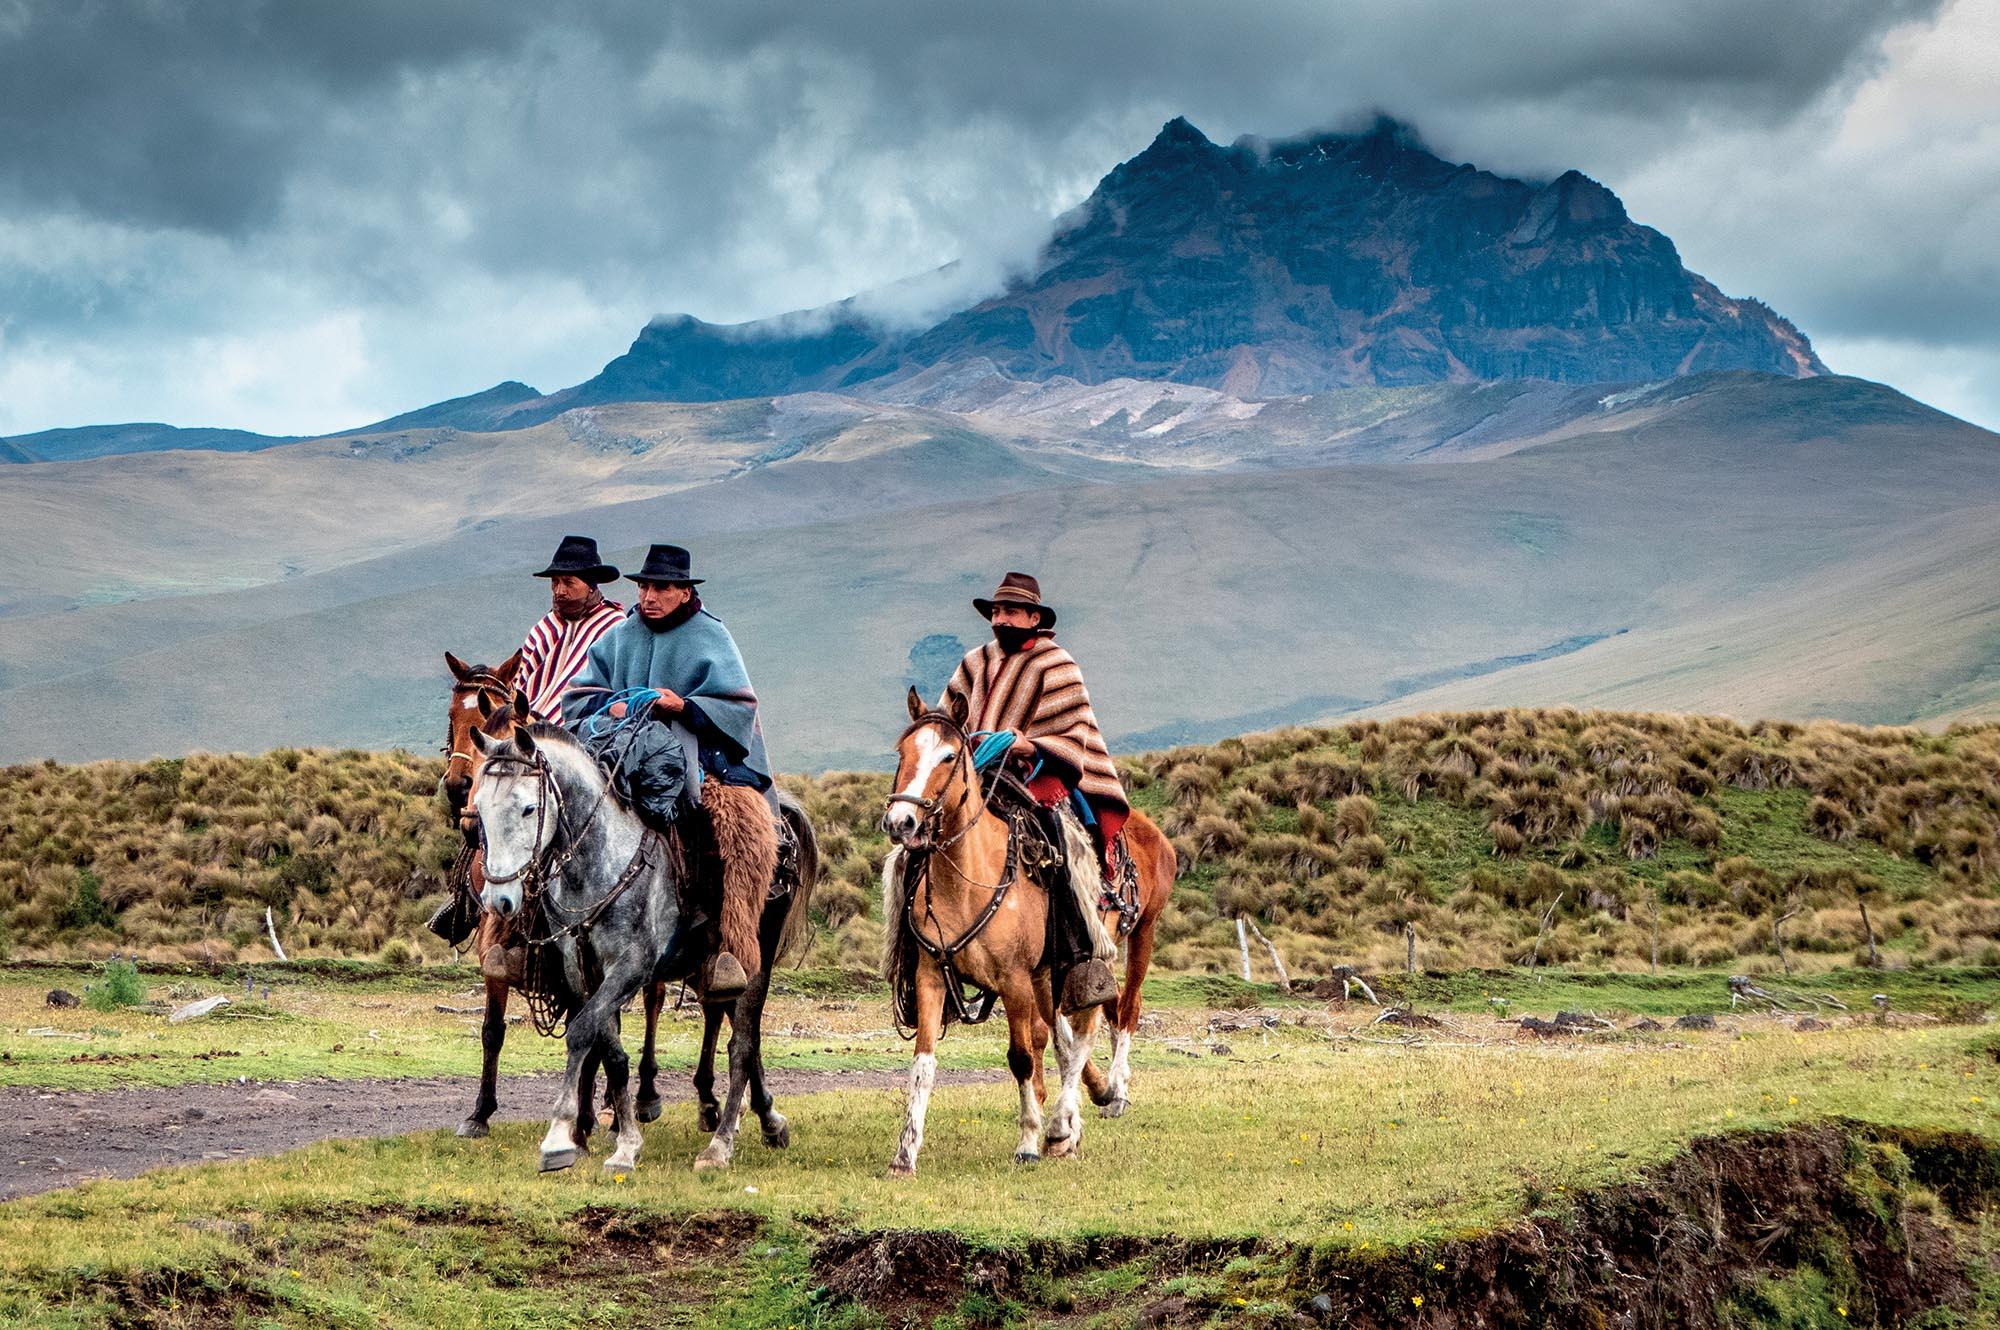 địa điểm Cotopaxi du mục cưỡi ngựa